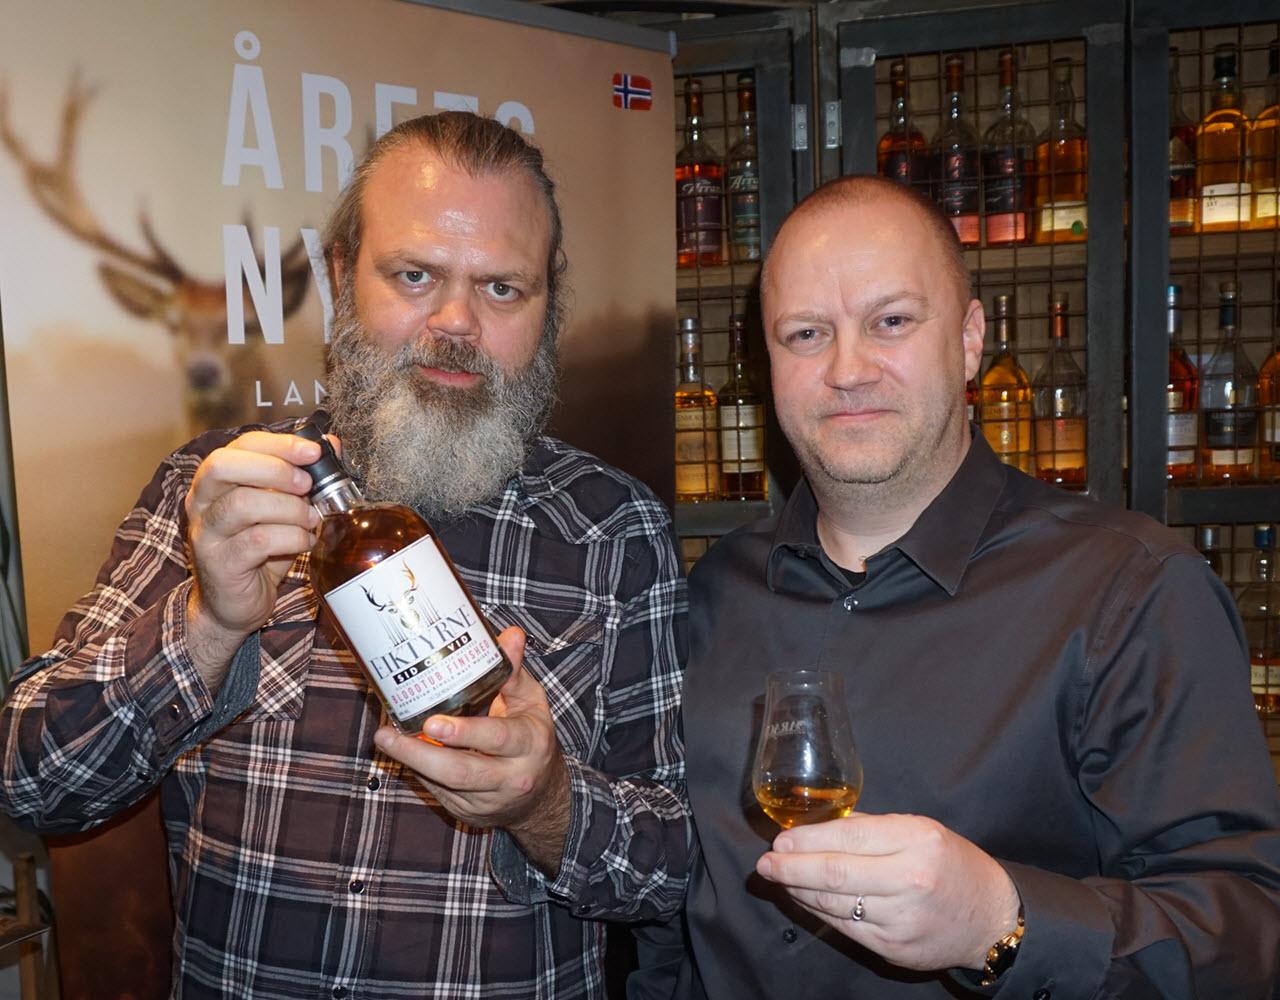 Bergen International Whisky & Beer 2015 - Eiktyrne launch